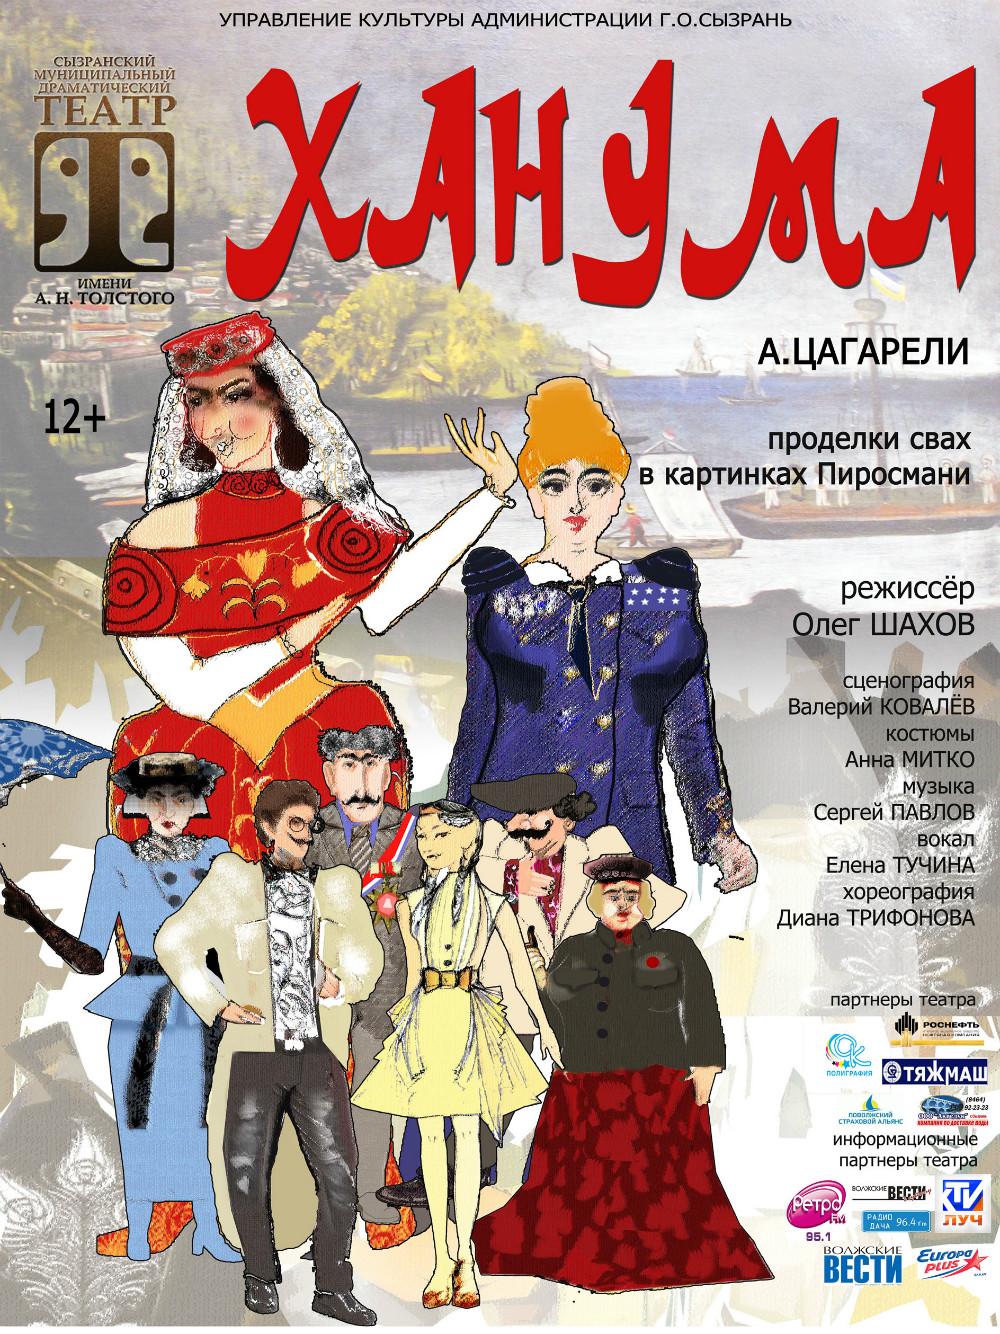 «Ханума» 12+ Гастроли Сызранского драм. театра им. А.Н.Толстого